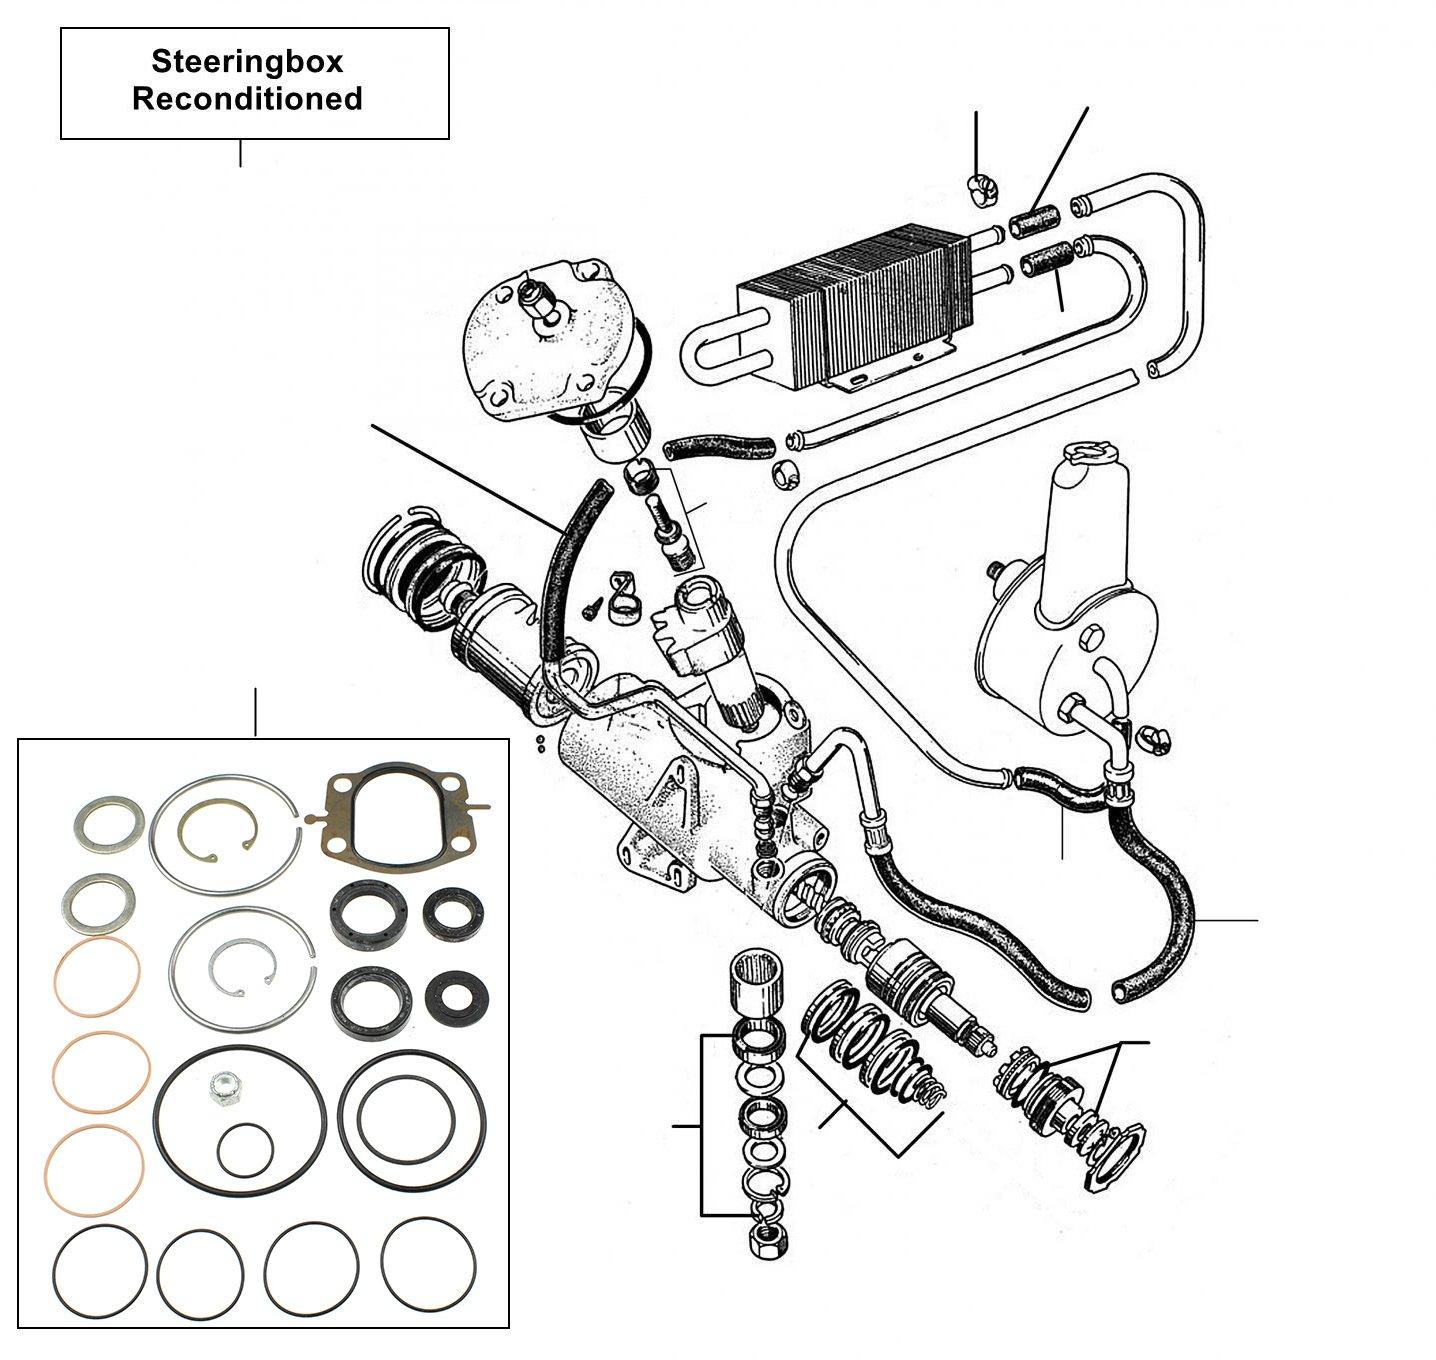 31086 Steering box - VIN 01001 till 11215